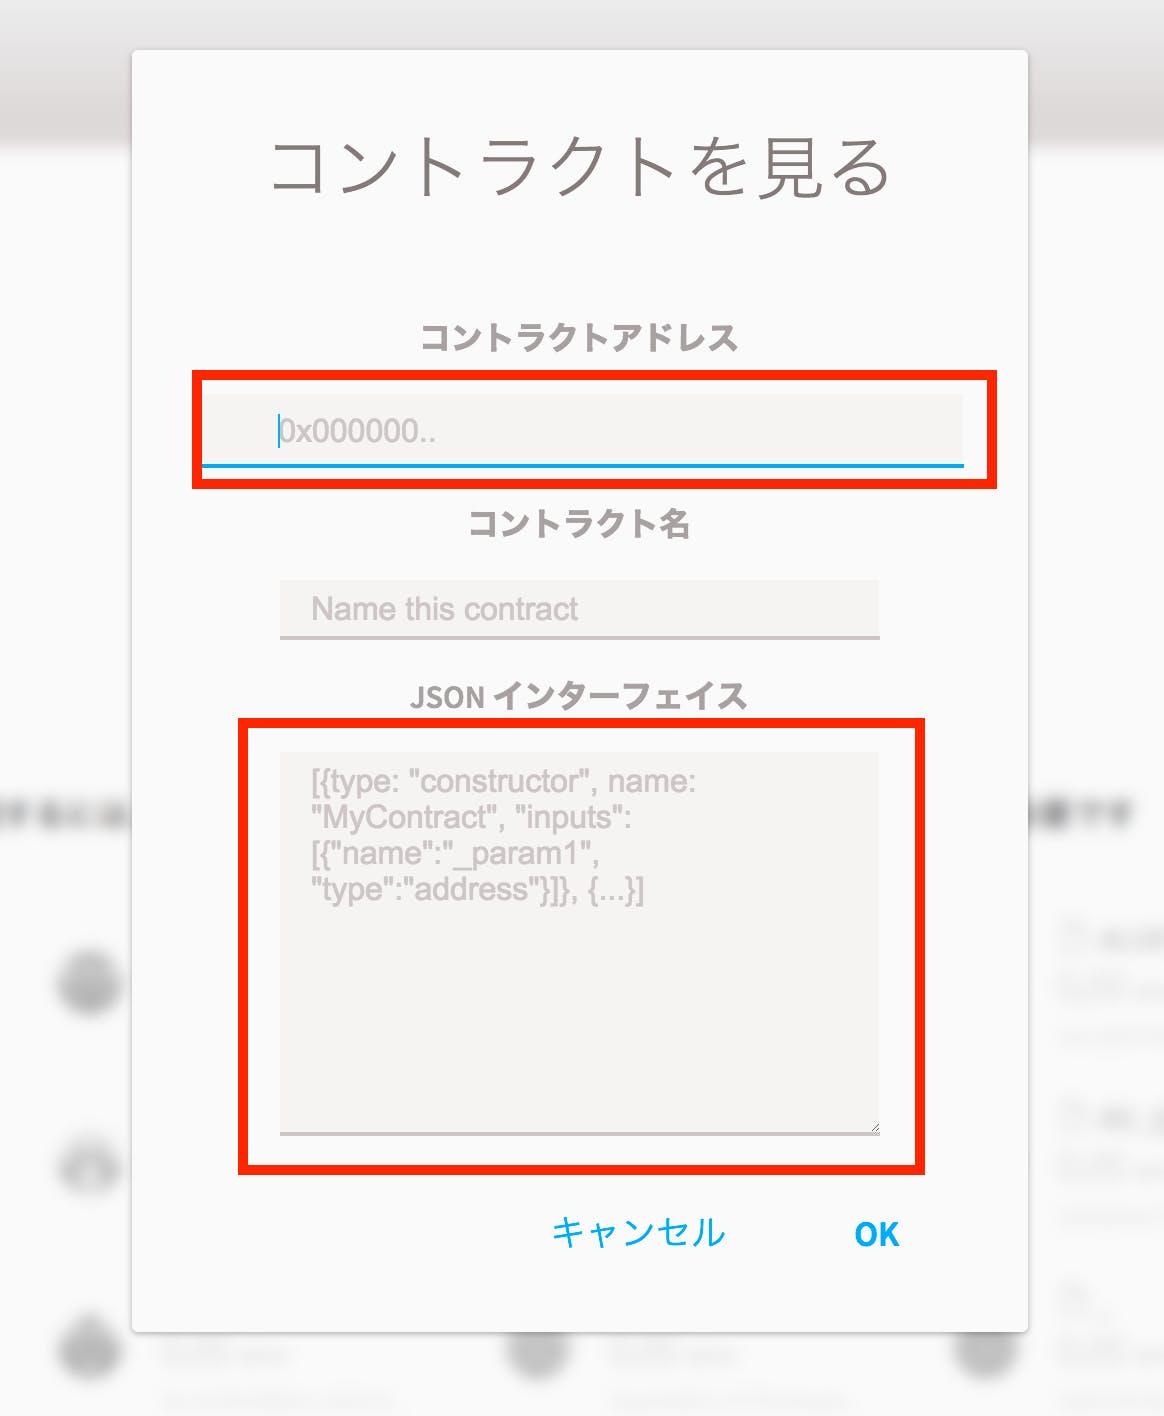 スクリーンショット 2017-12-04 11.24.33.png